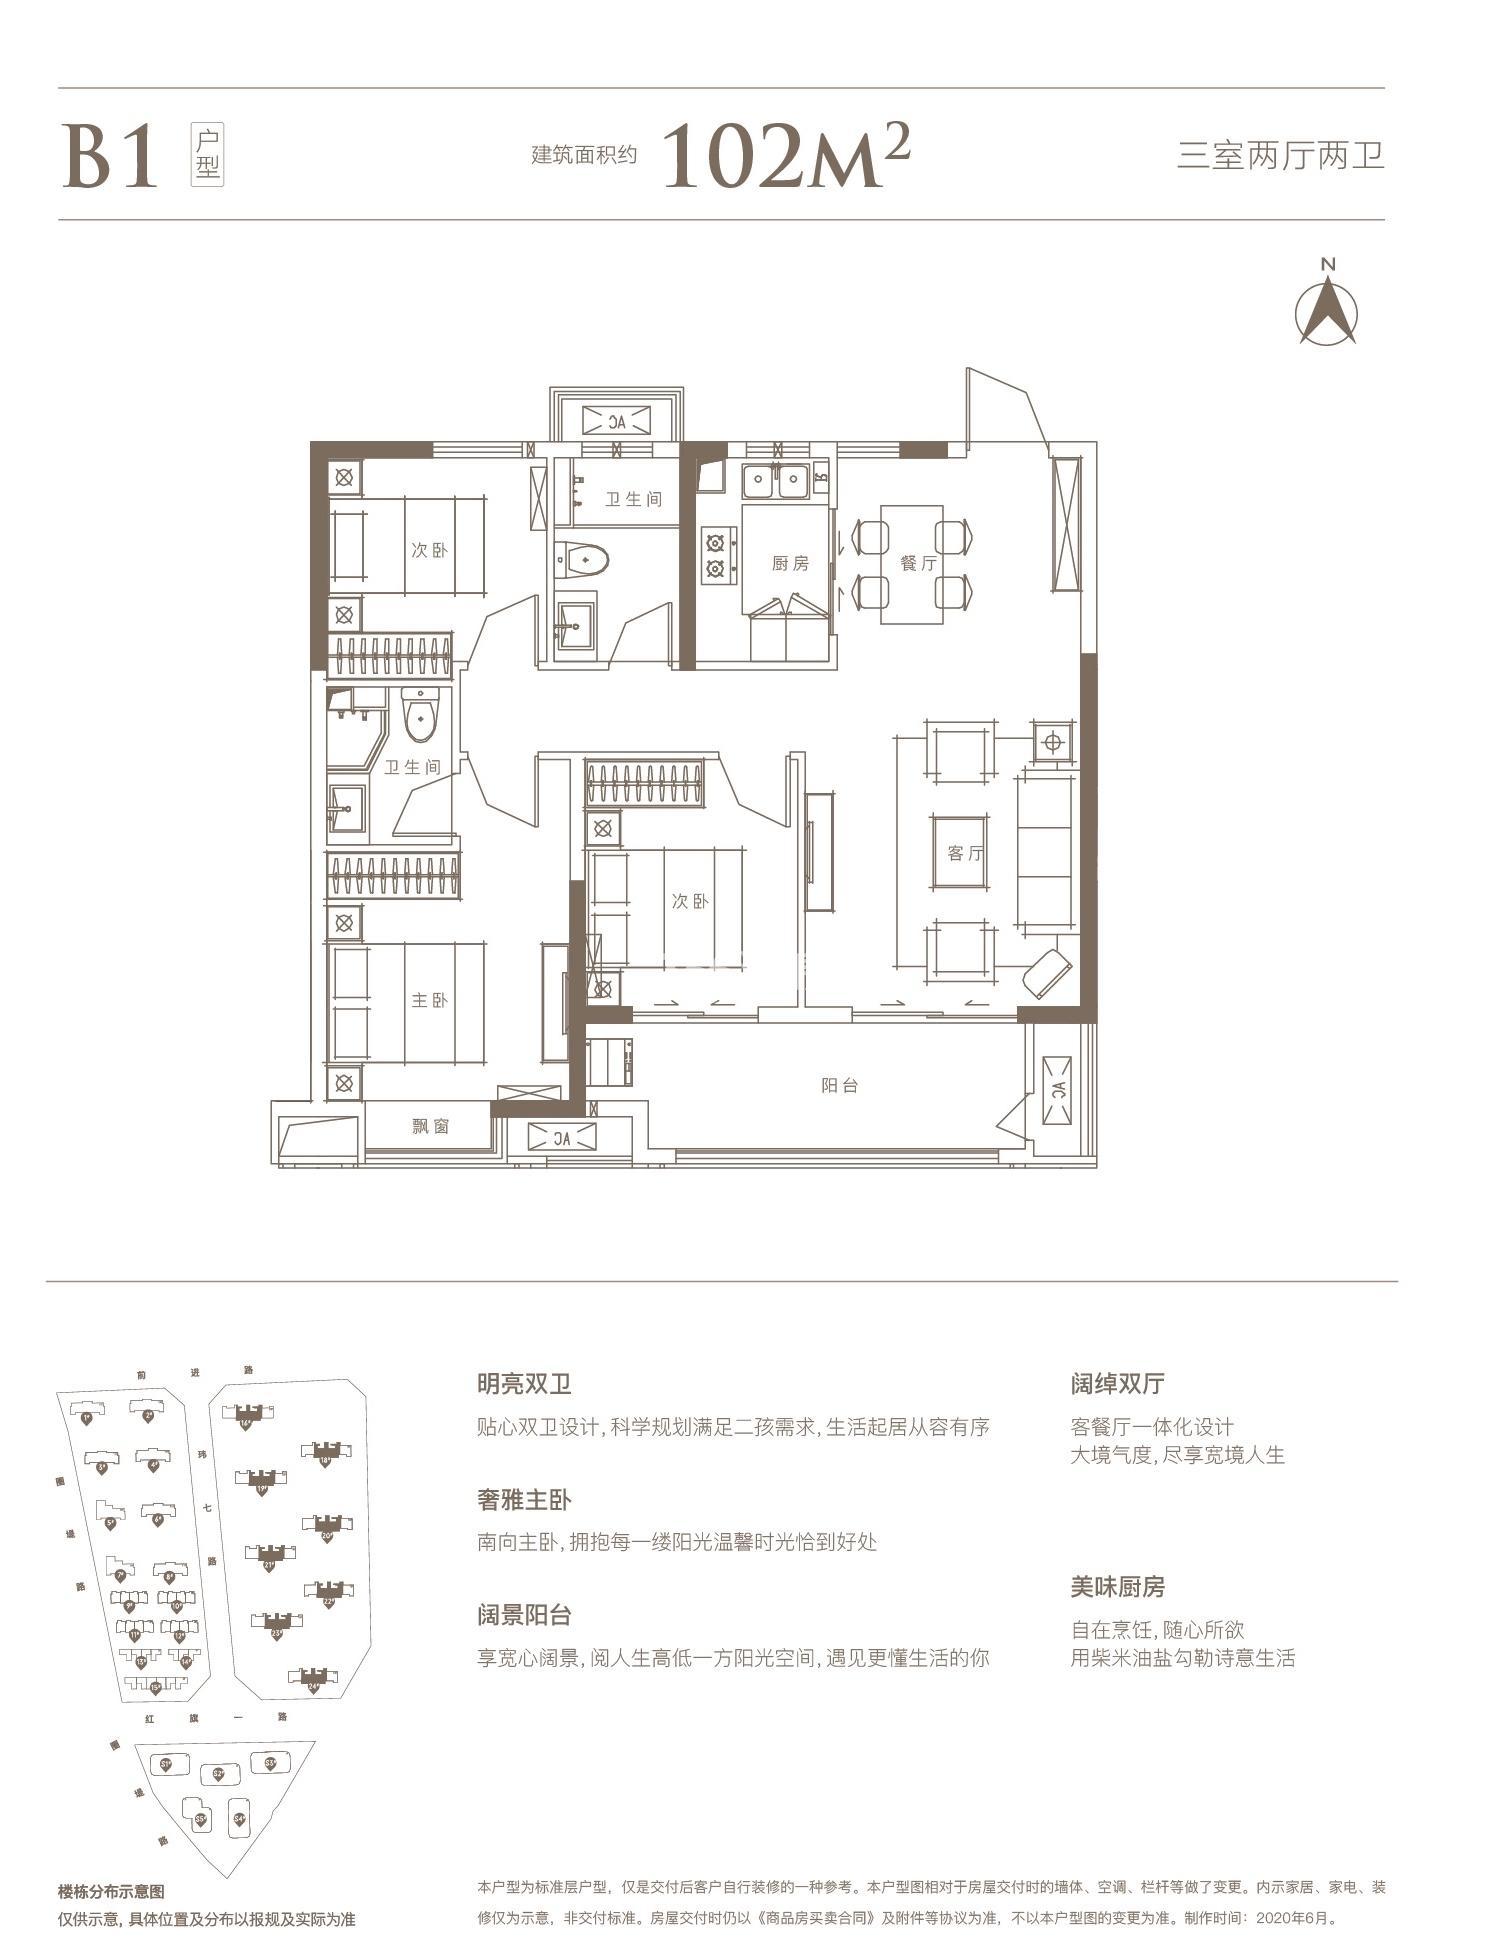 凤凰书院 高层B1户型 建面约102㎡ 202010